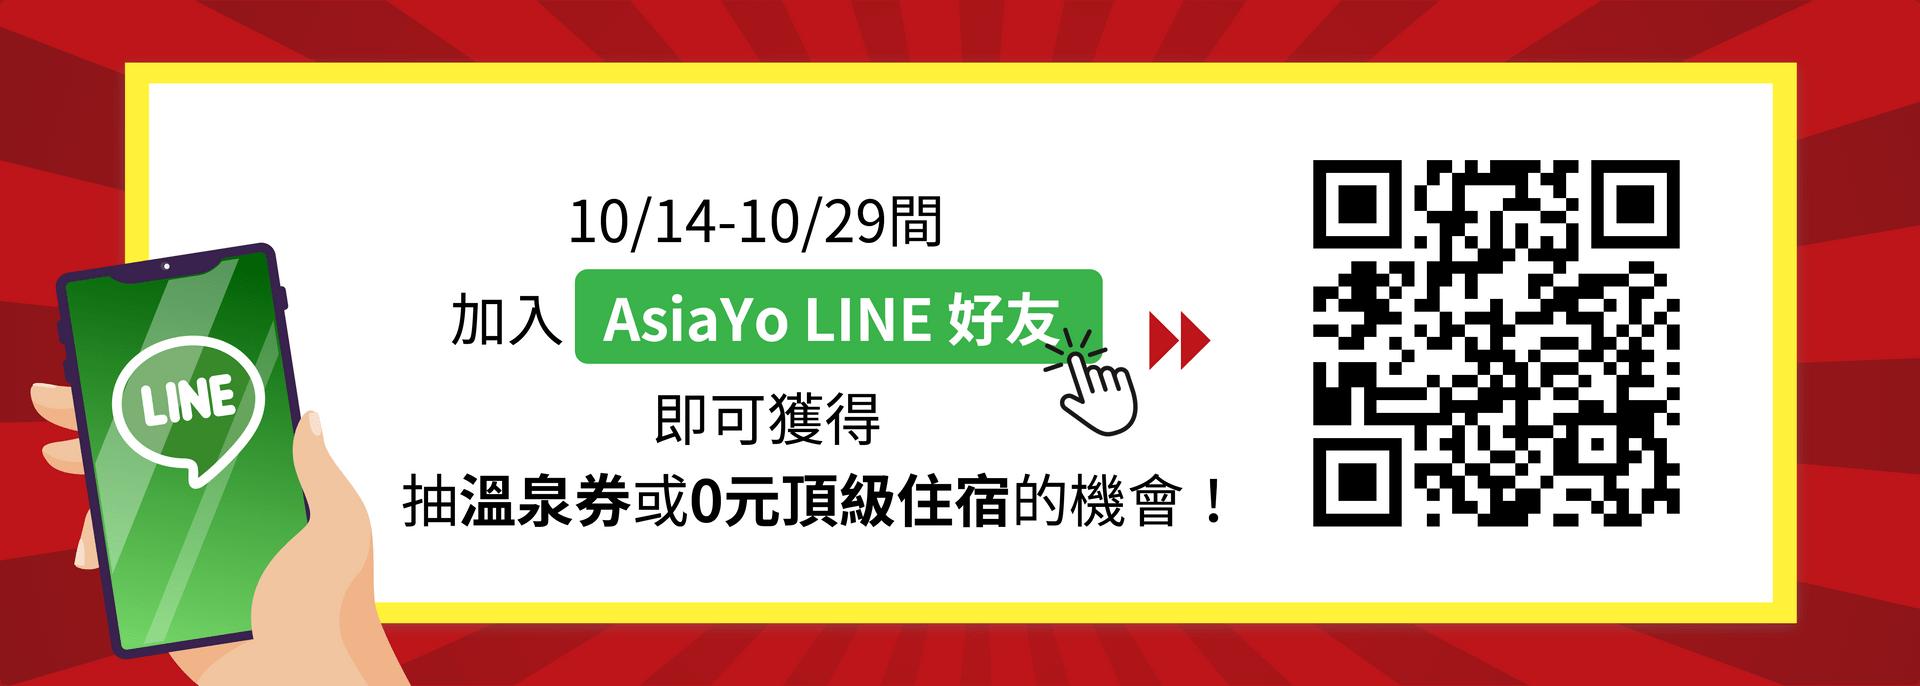 AsiaYo線上旅展優惠活動2